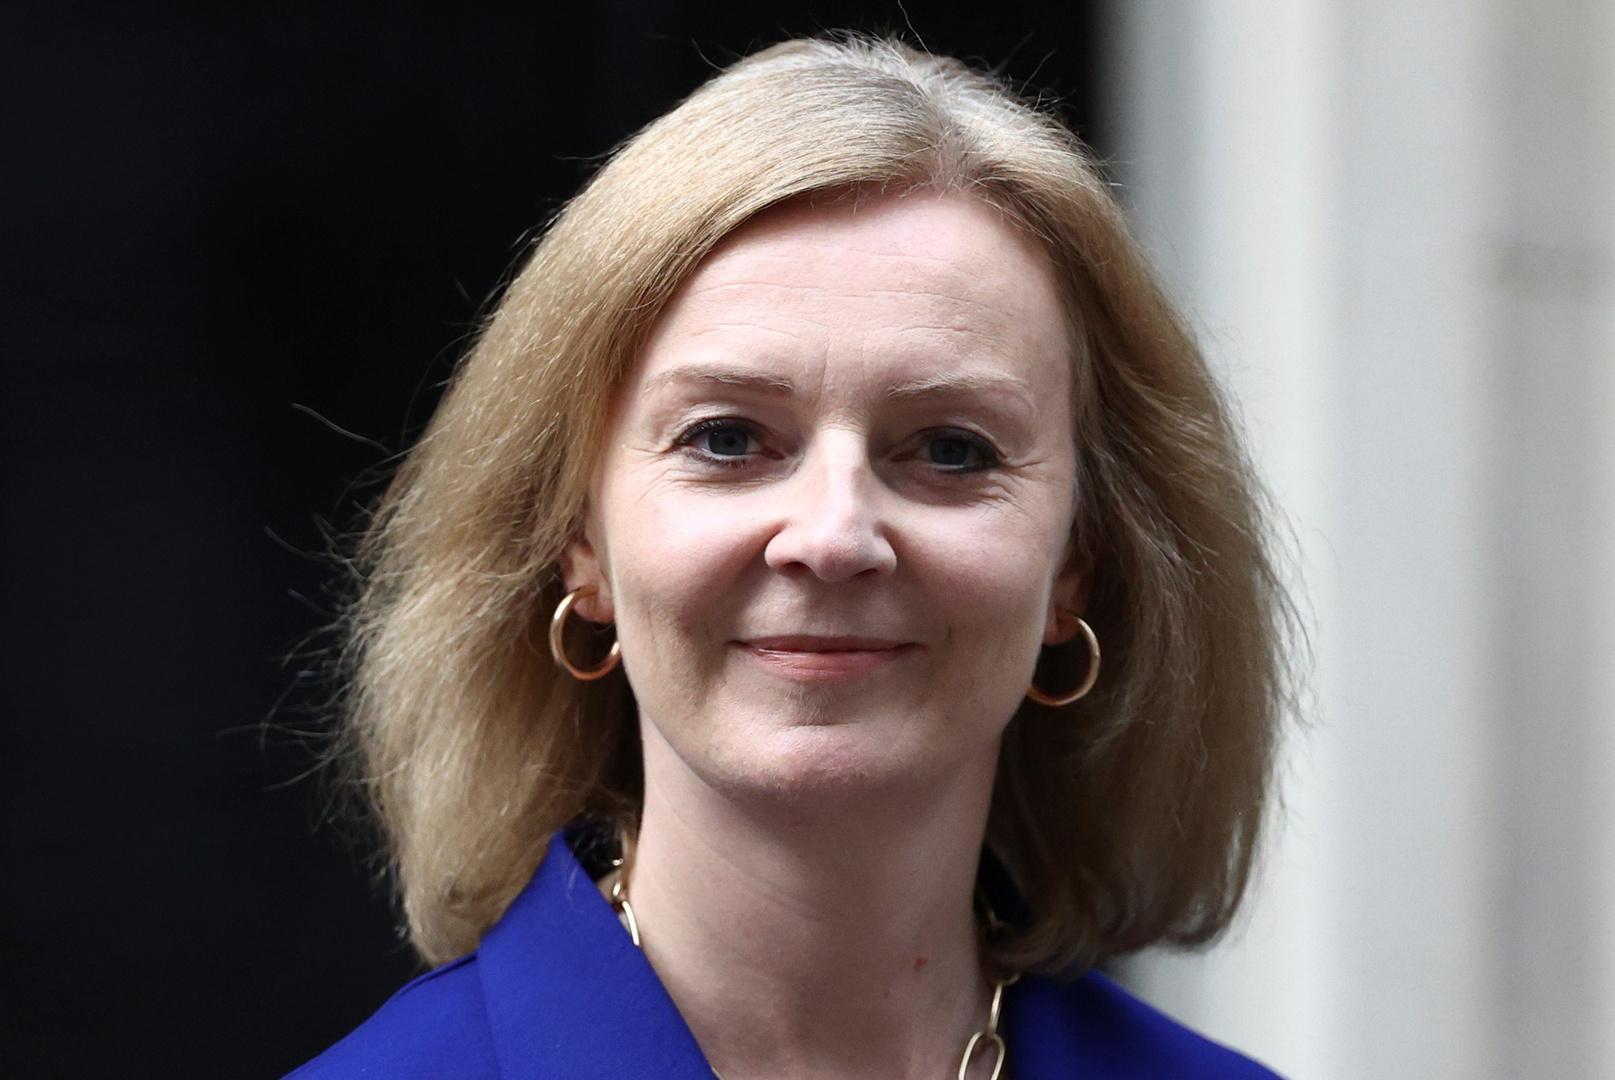 وزارة الخارجية البريطانية إليزابيث تراس